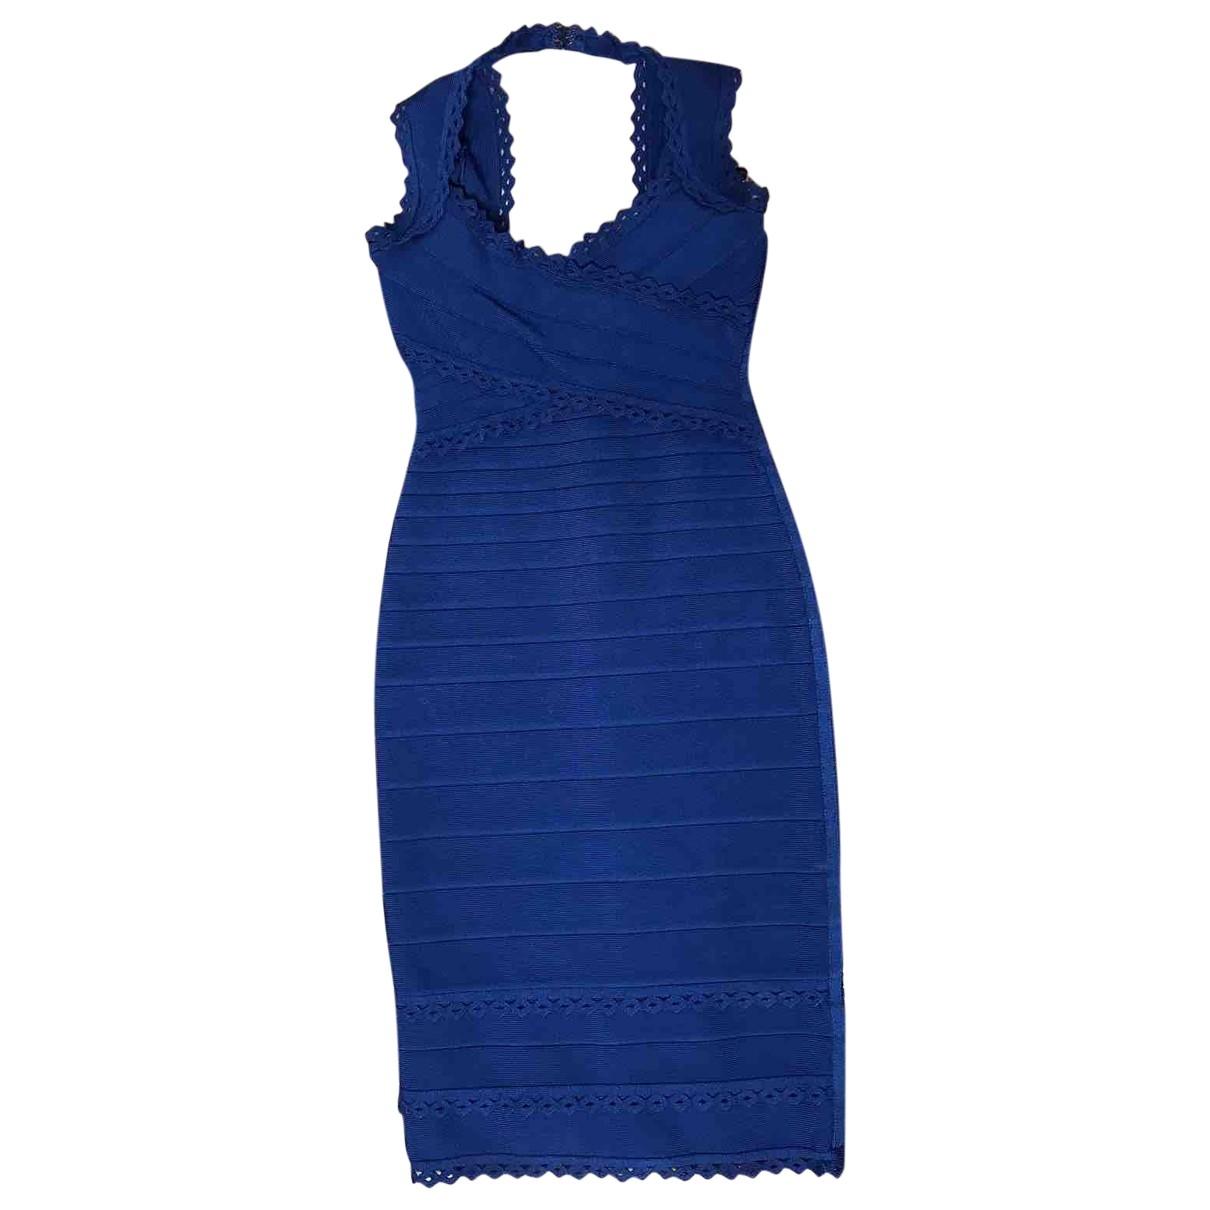 Herve Leger \N Blue Cotton dress for Women XS International